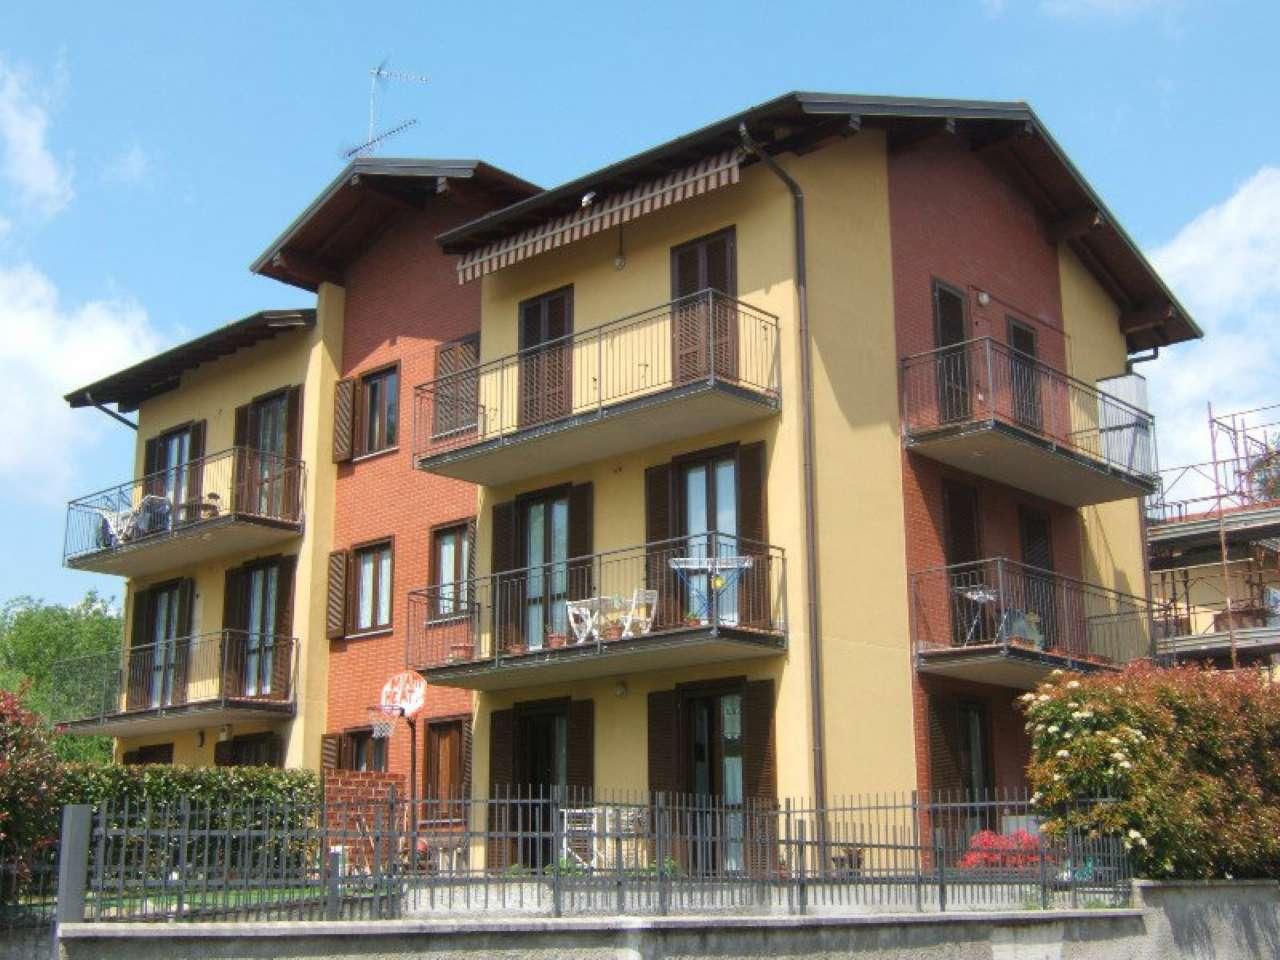 Appartamento in vendita a Vergiate, 2 locali, prezzo € 85.000 | CambioCasa.it